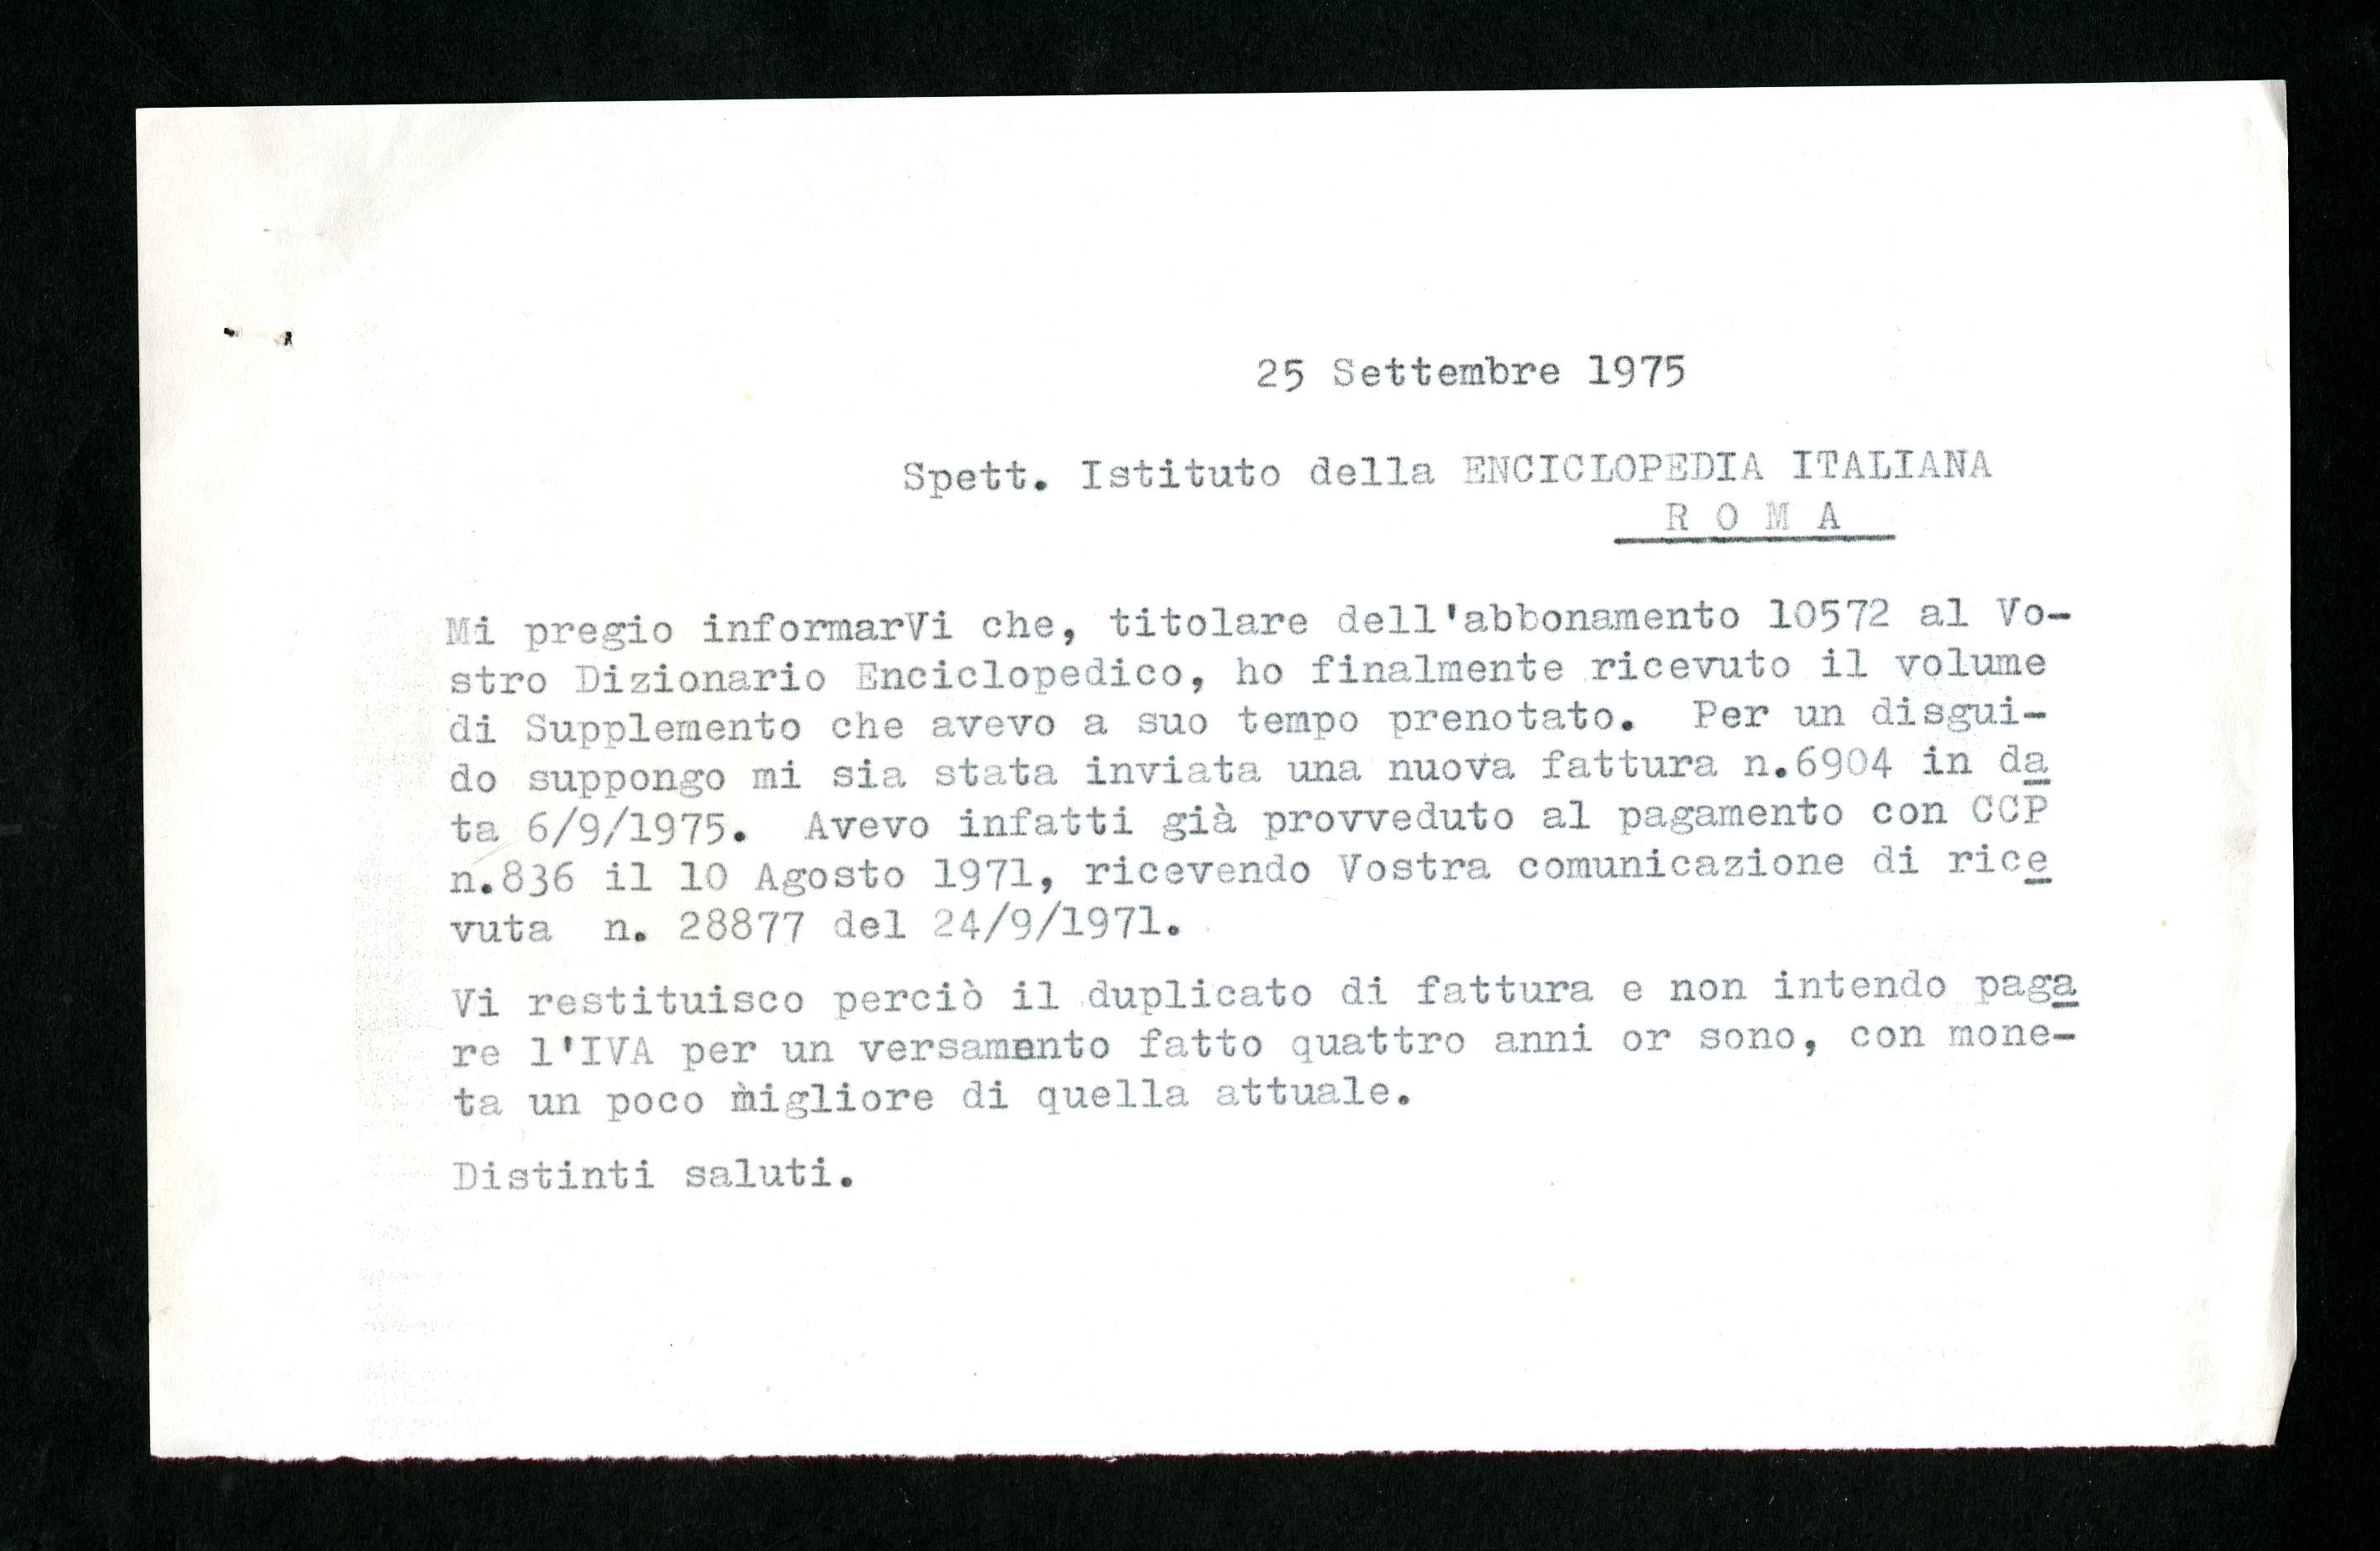 Istituto dell enciclopedia italiana di Roma - Aspi - Archivio ... 84589e561938